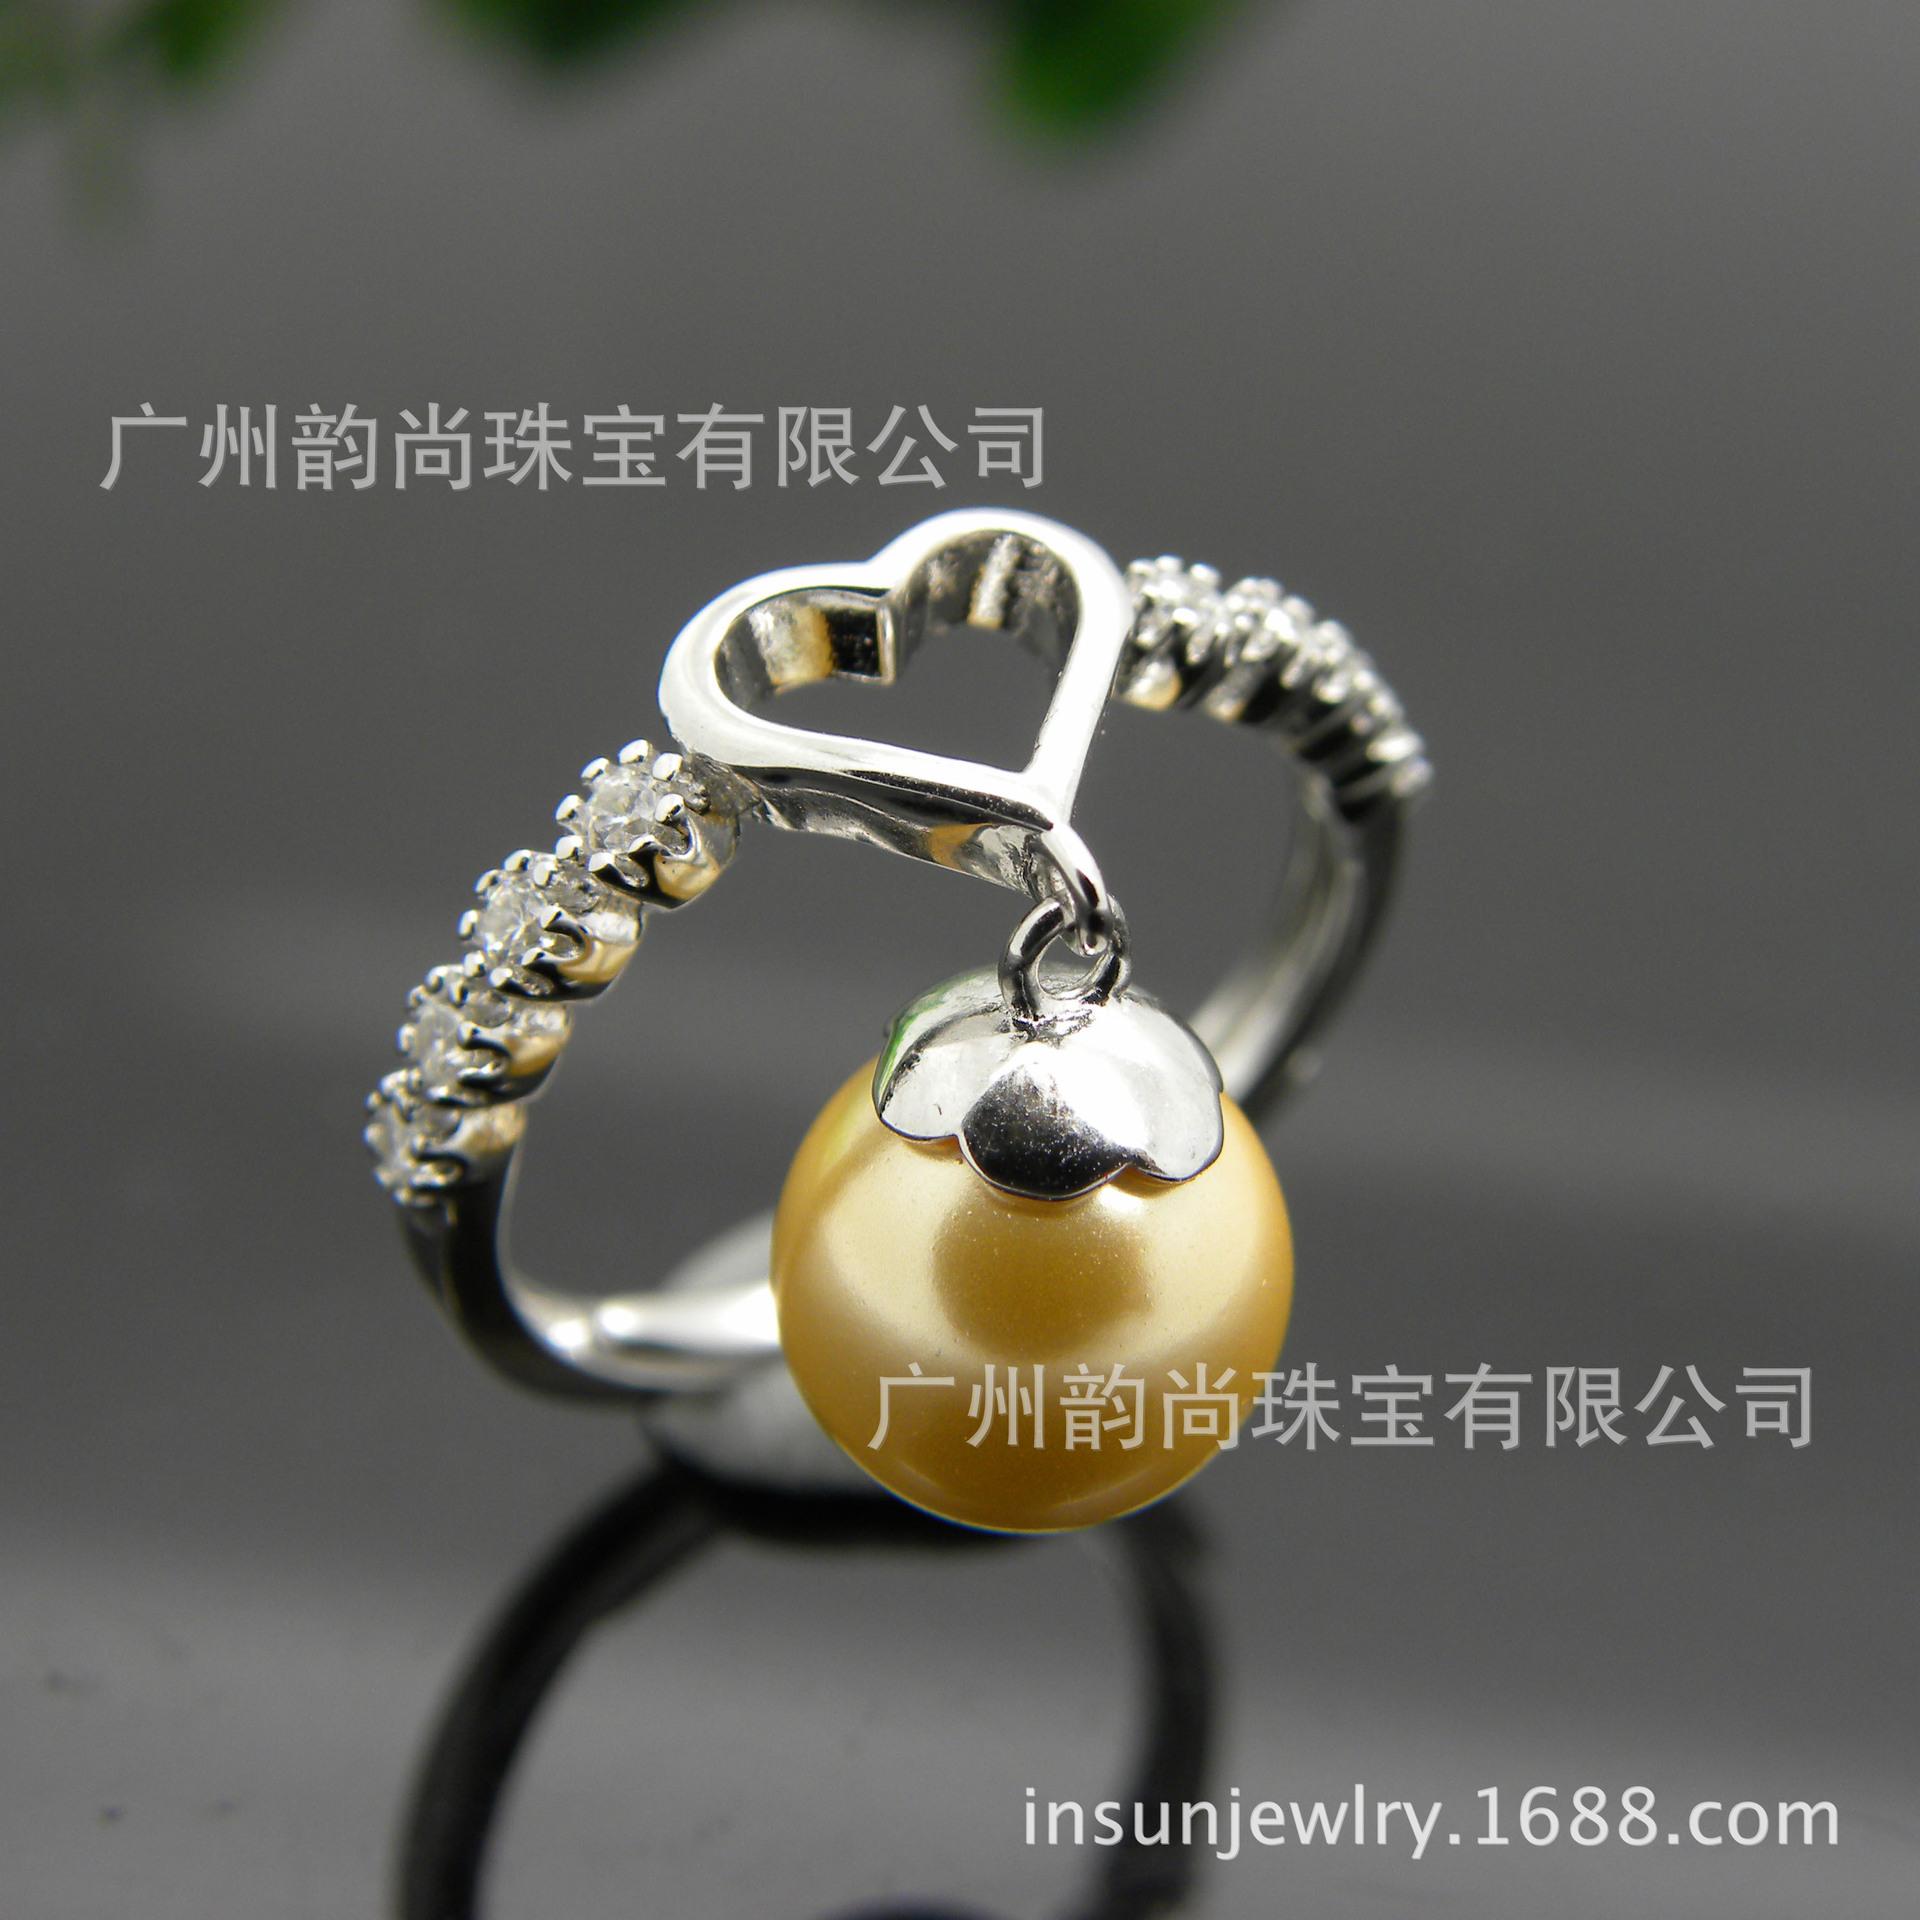 心型金色珍珠戒指 送爱人 S925银珍珠戒指 欢迎来厂参观 订做